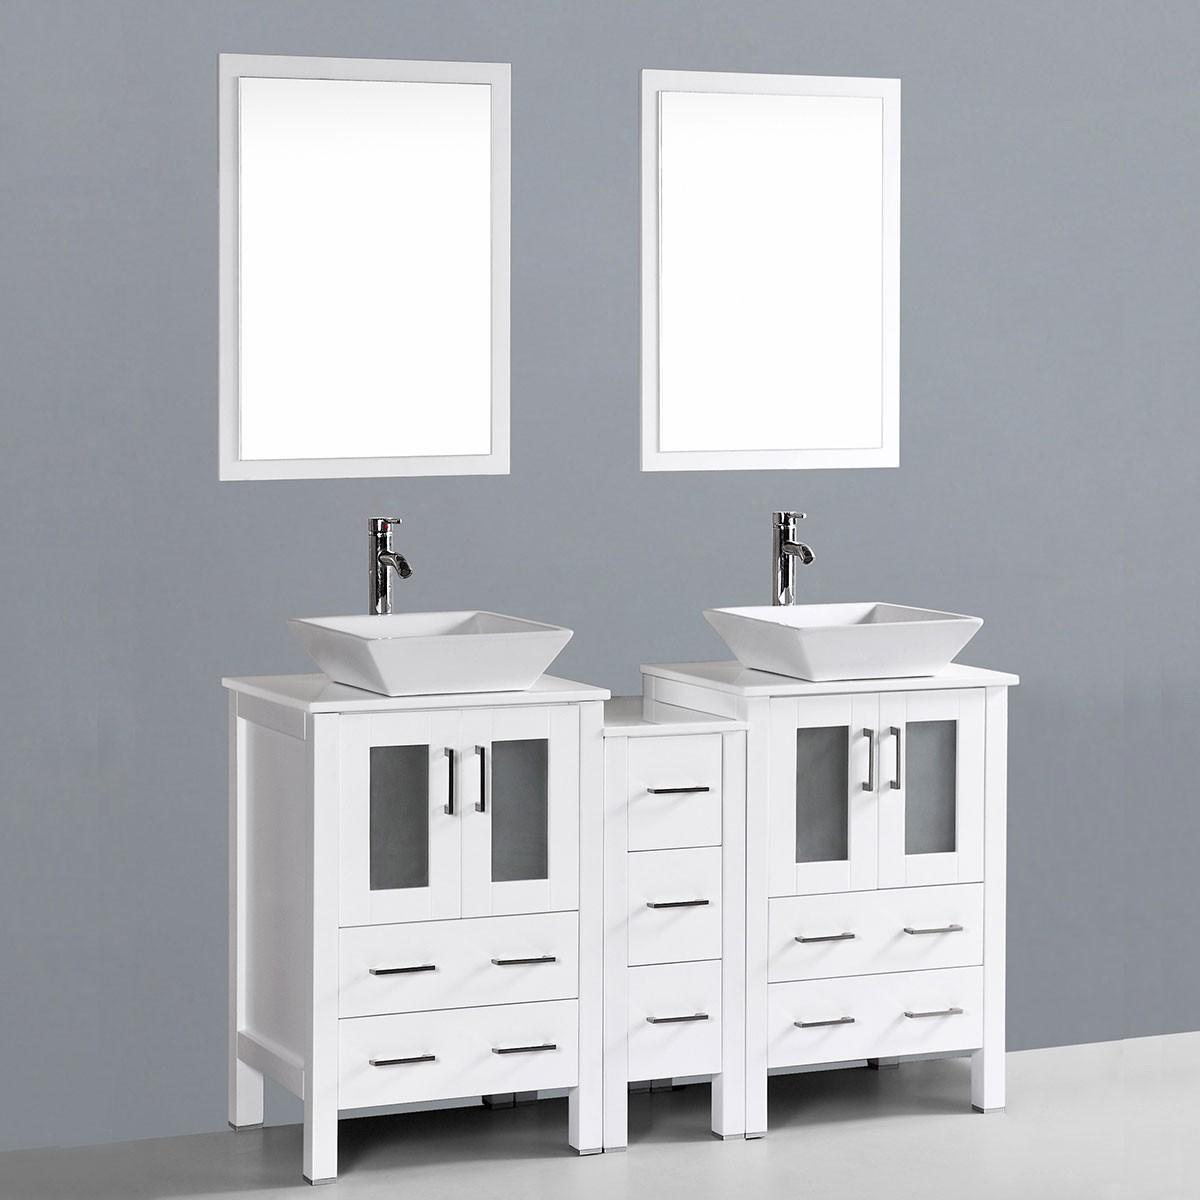 6 po meuble salle de bain sur pieds lavabo double avec - Meuble lavabo sur pied ...